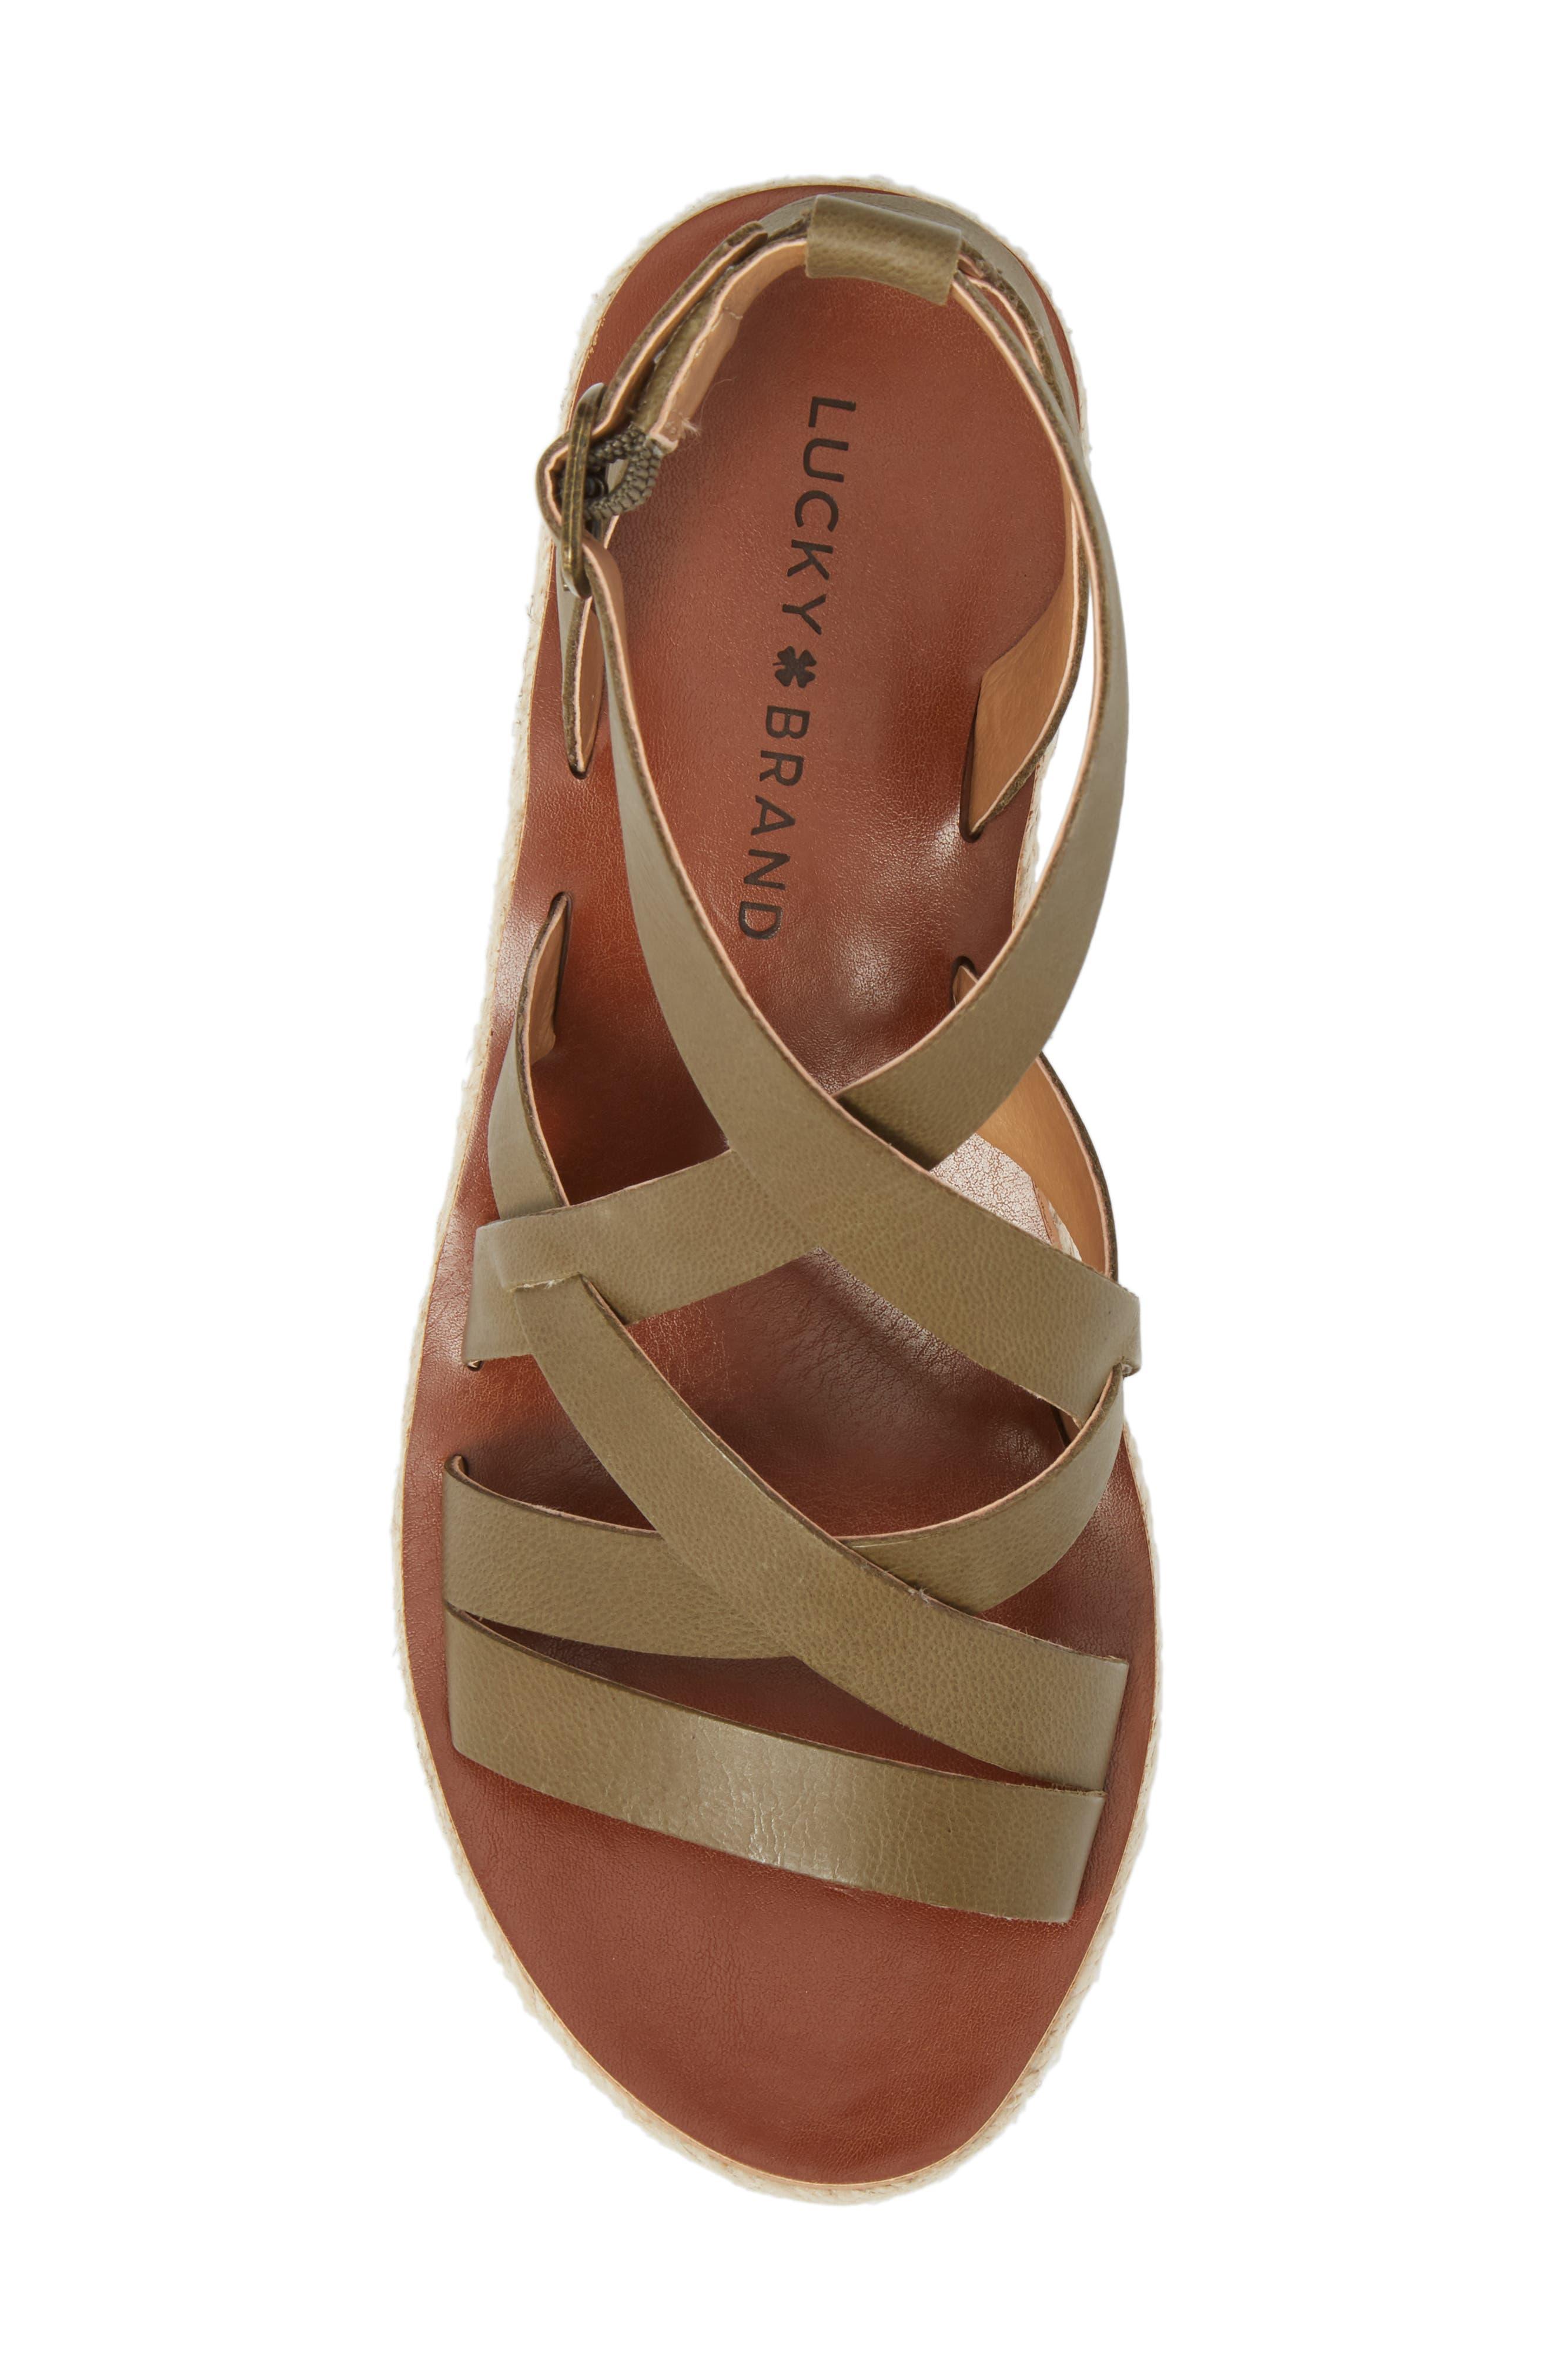 LUCKY BRAND,                             Jenepper Platform Wedge Sandal,                             Alternate thumbnail 5, color,                             DRAB LEATHER